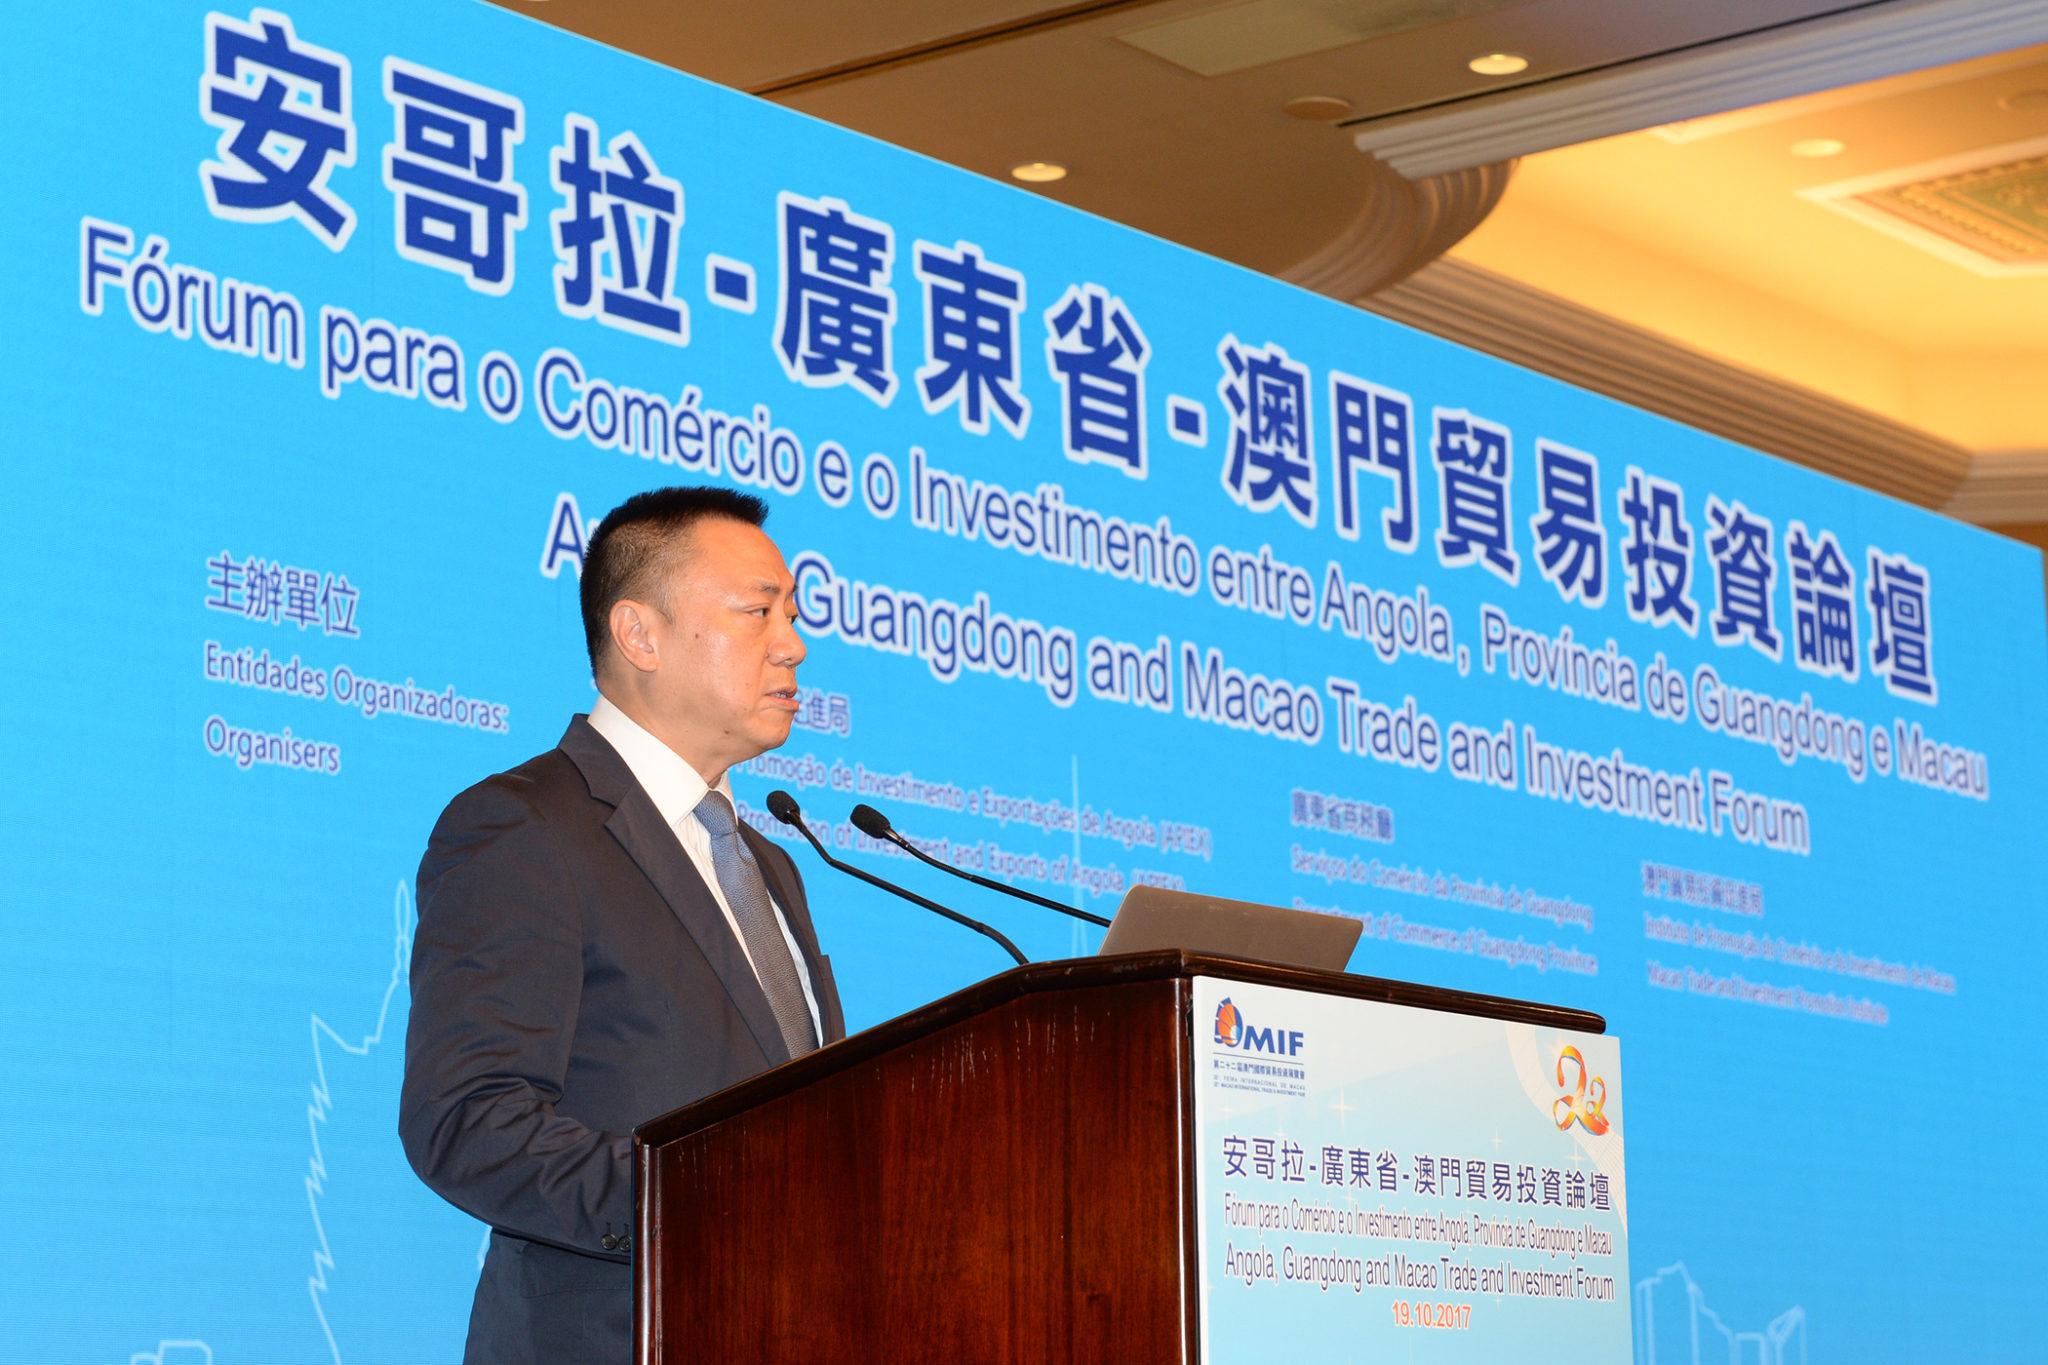 Lionel Leong garante que Governo está atento às condições do Canídromo